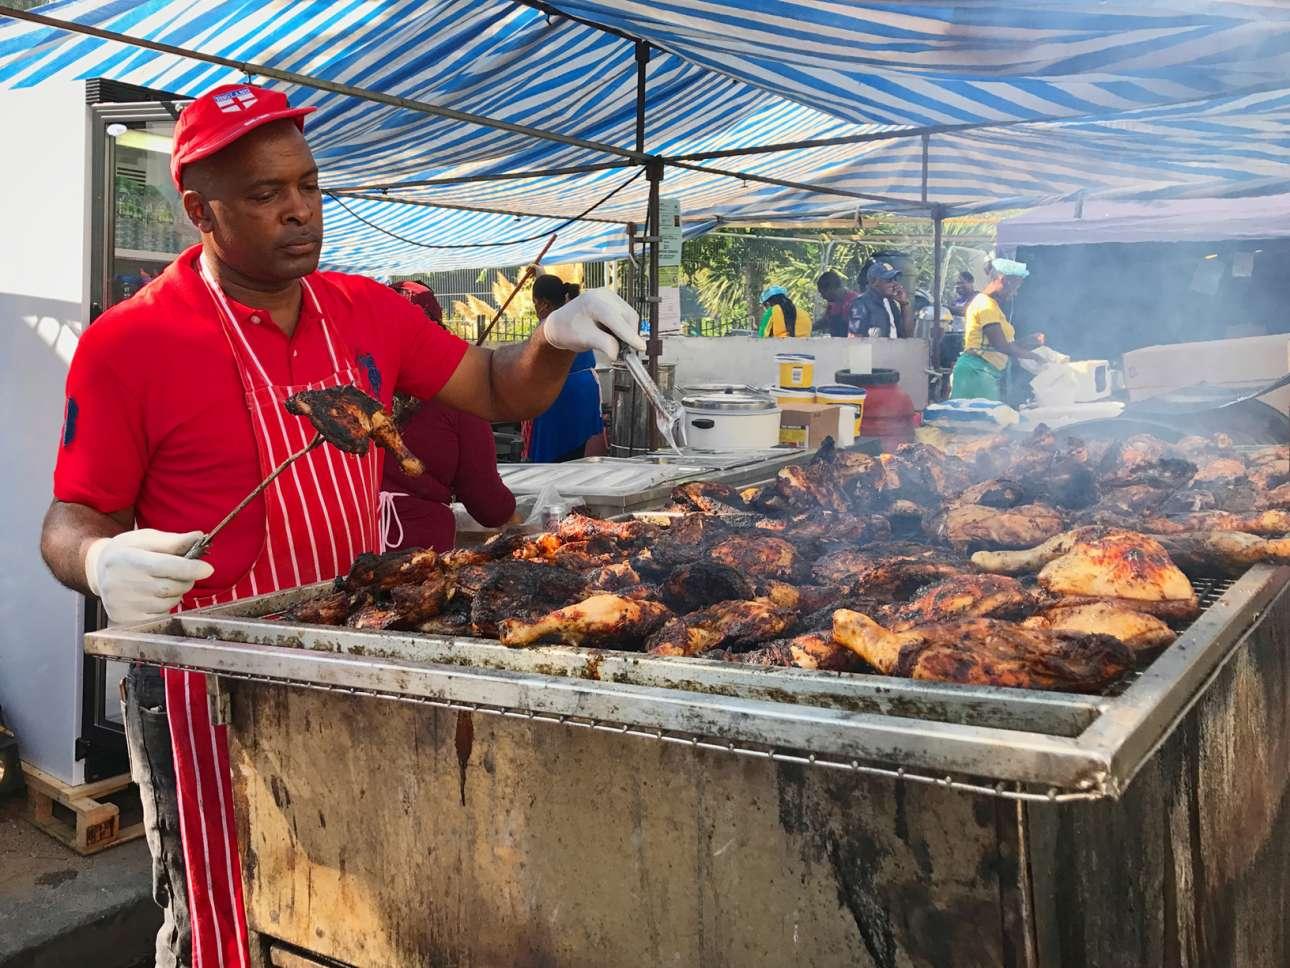 Η χαρακτηριστική λιχουδιά του καρναβαλιού, το κοτόπουλο «τζερκ» της τζαμαϊκανής κουζίνας